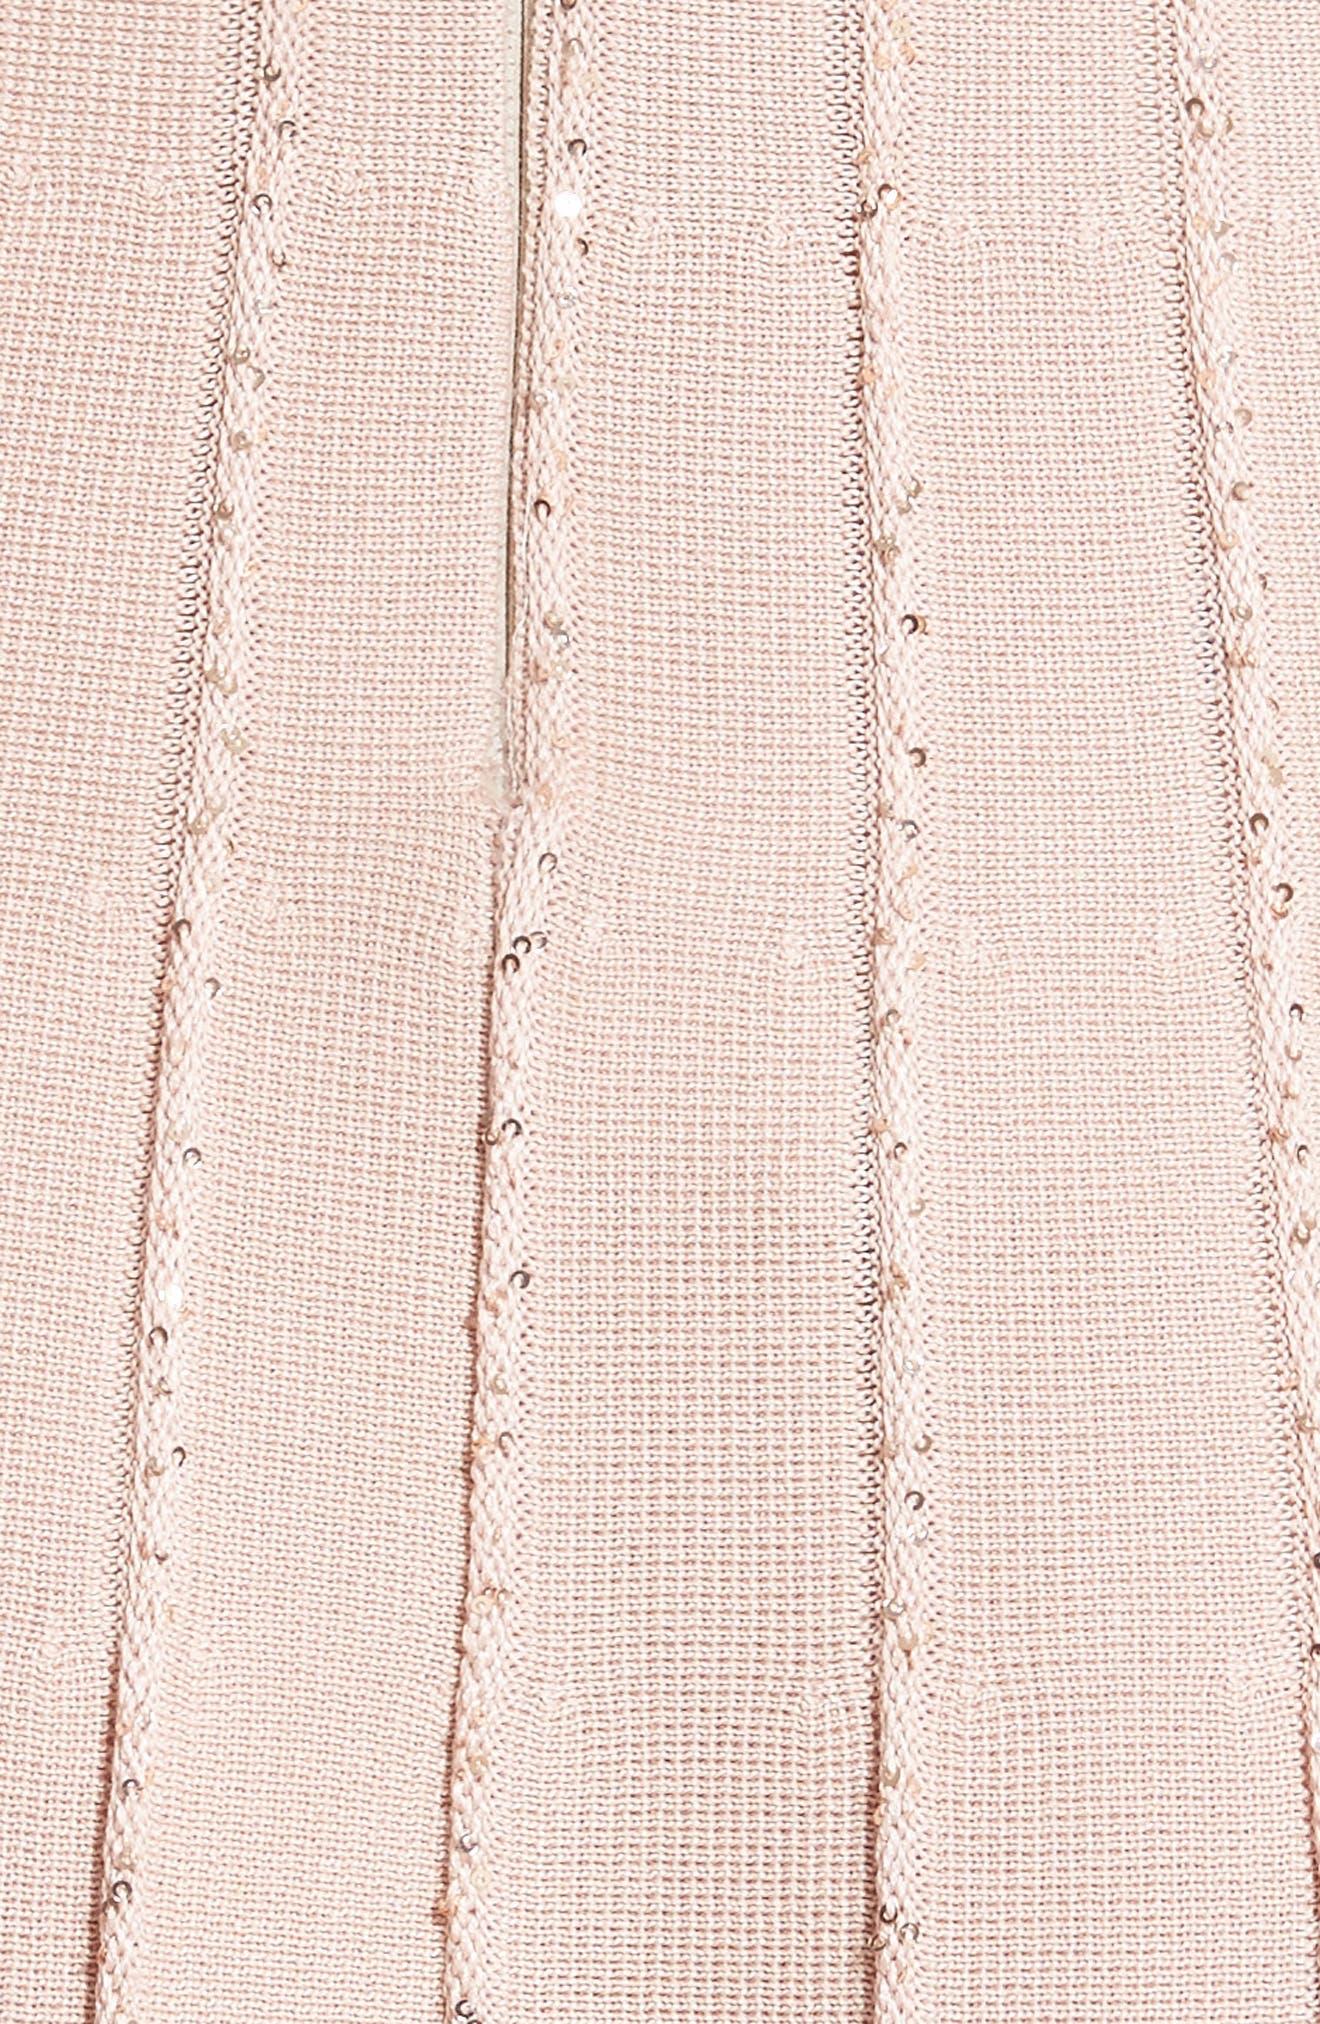 Alternate Image 3  - Oscar de la Renta Sparkle Knit Pleated Dress